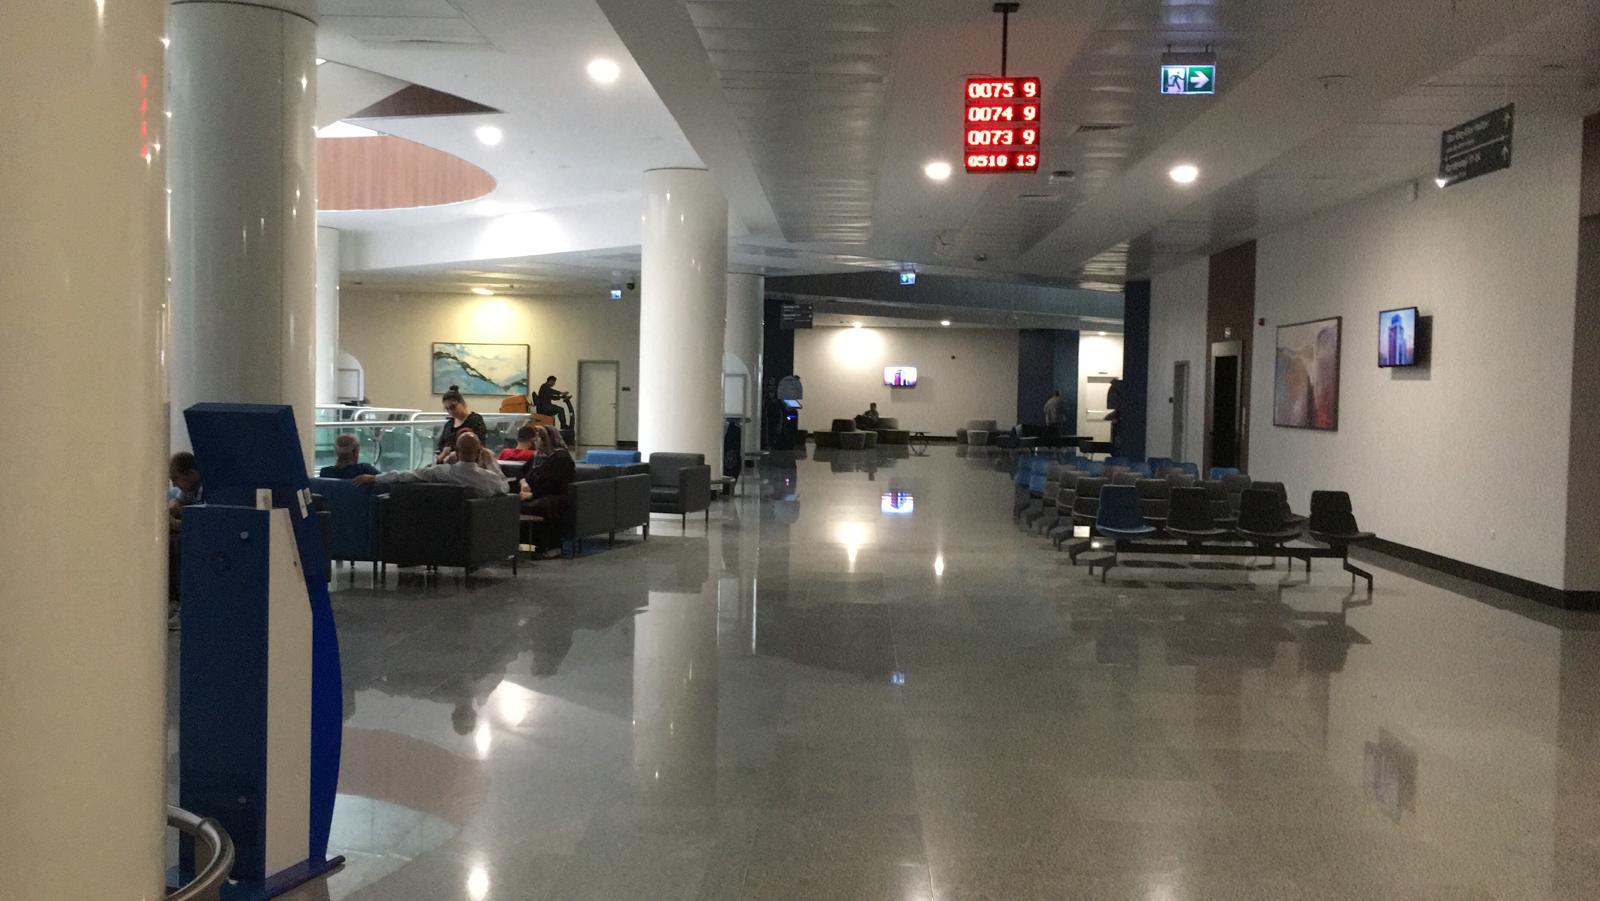 şehir hastanesi sıramatik sistemi ana ekran